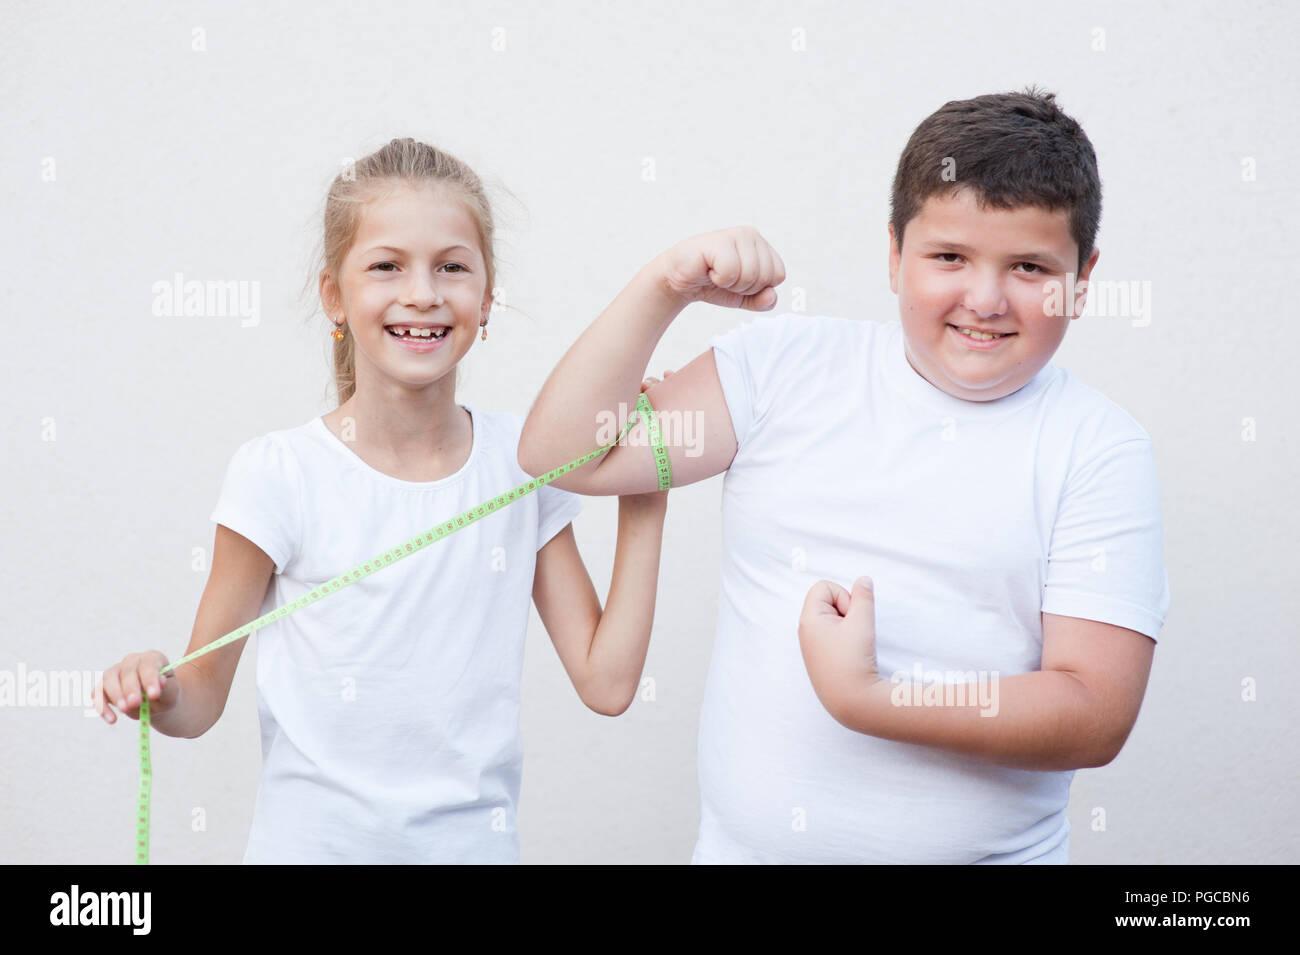 Hermosa flaca feliz pequeña niña sonriente medición big fat boy tamaño muscular por cinta Imagen De Stock